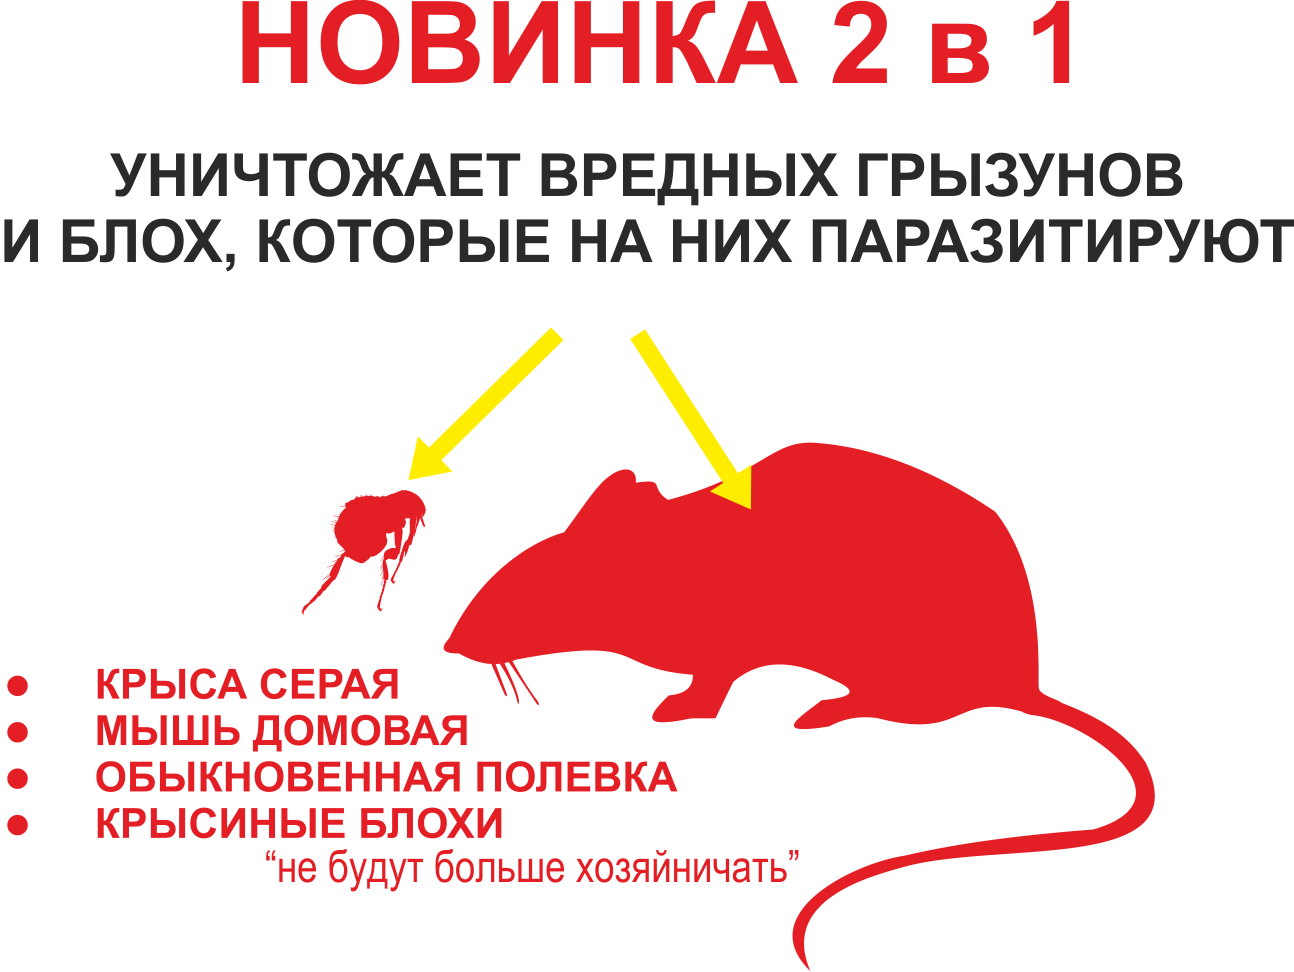 krisa_kombi.png (115 KB)